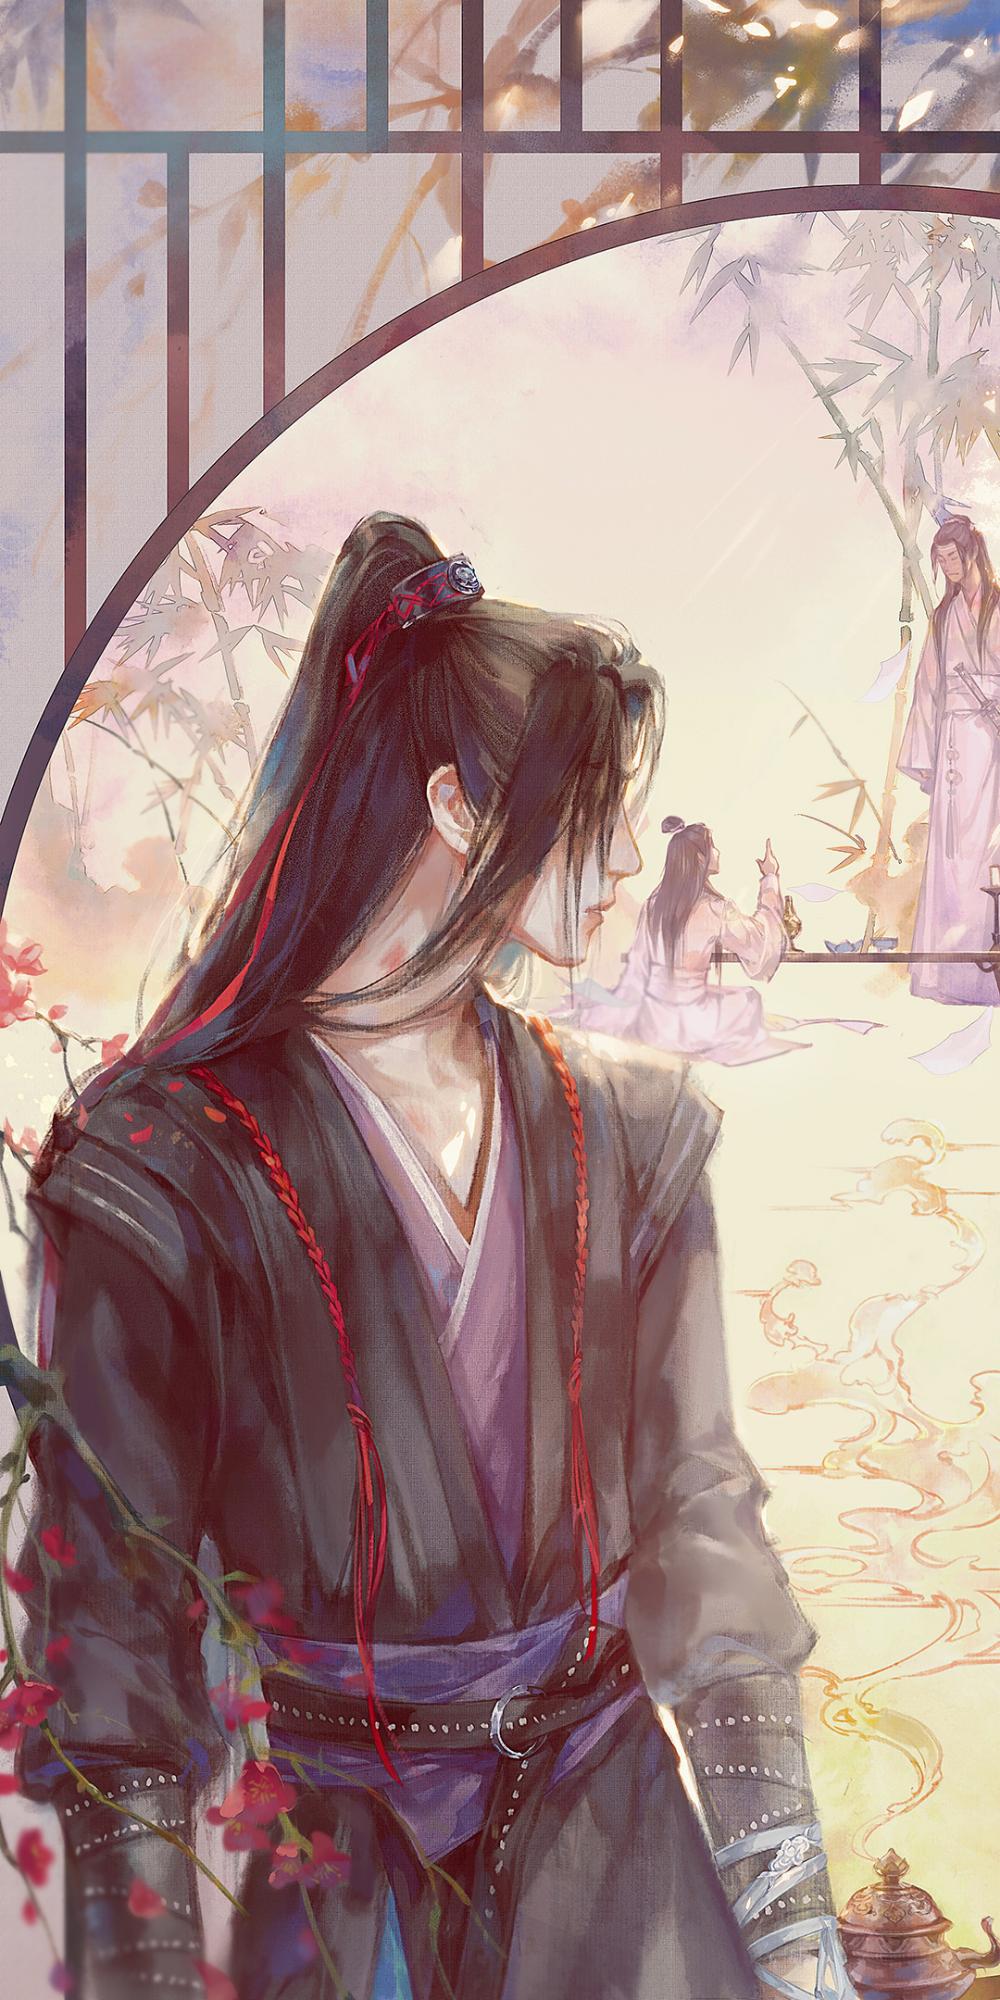 Wei Wuxian by 梦锦 (lofter mengjin958) Untamed, Anime art